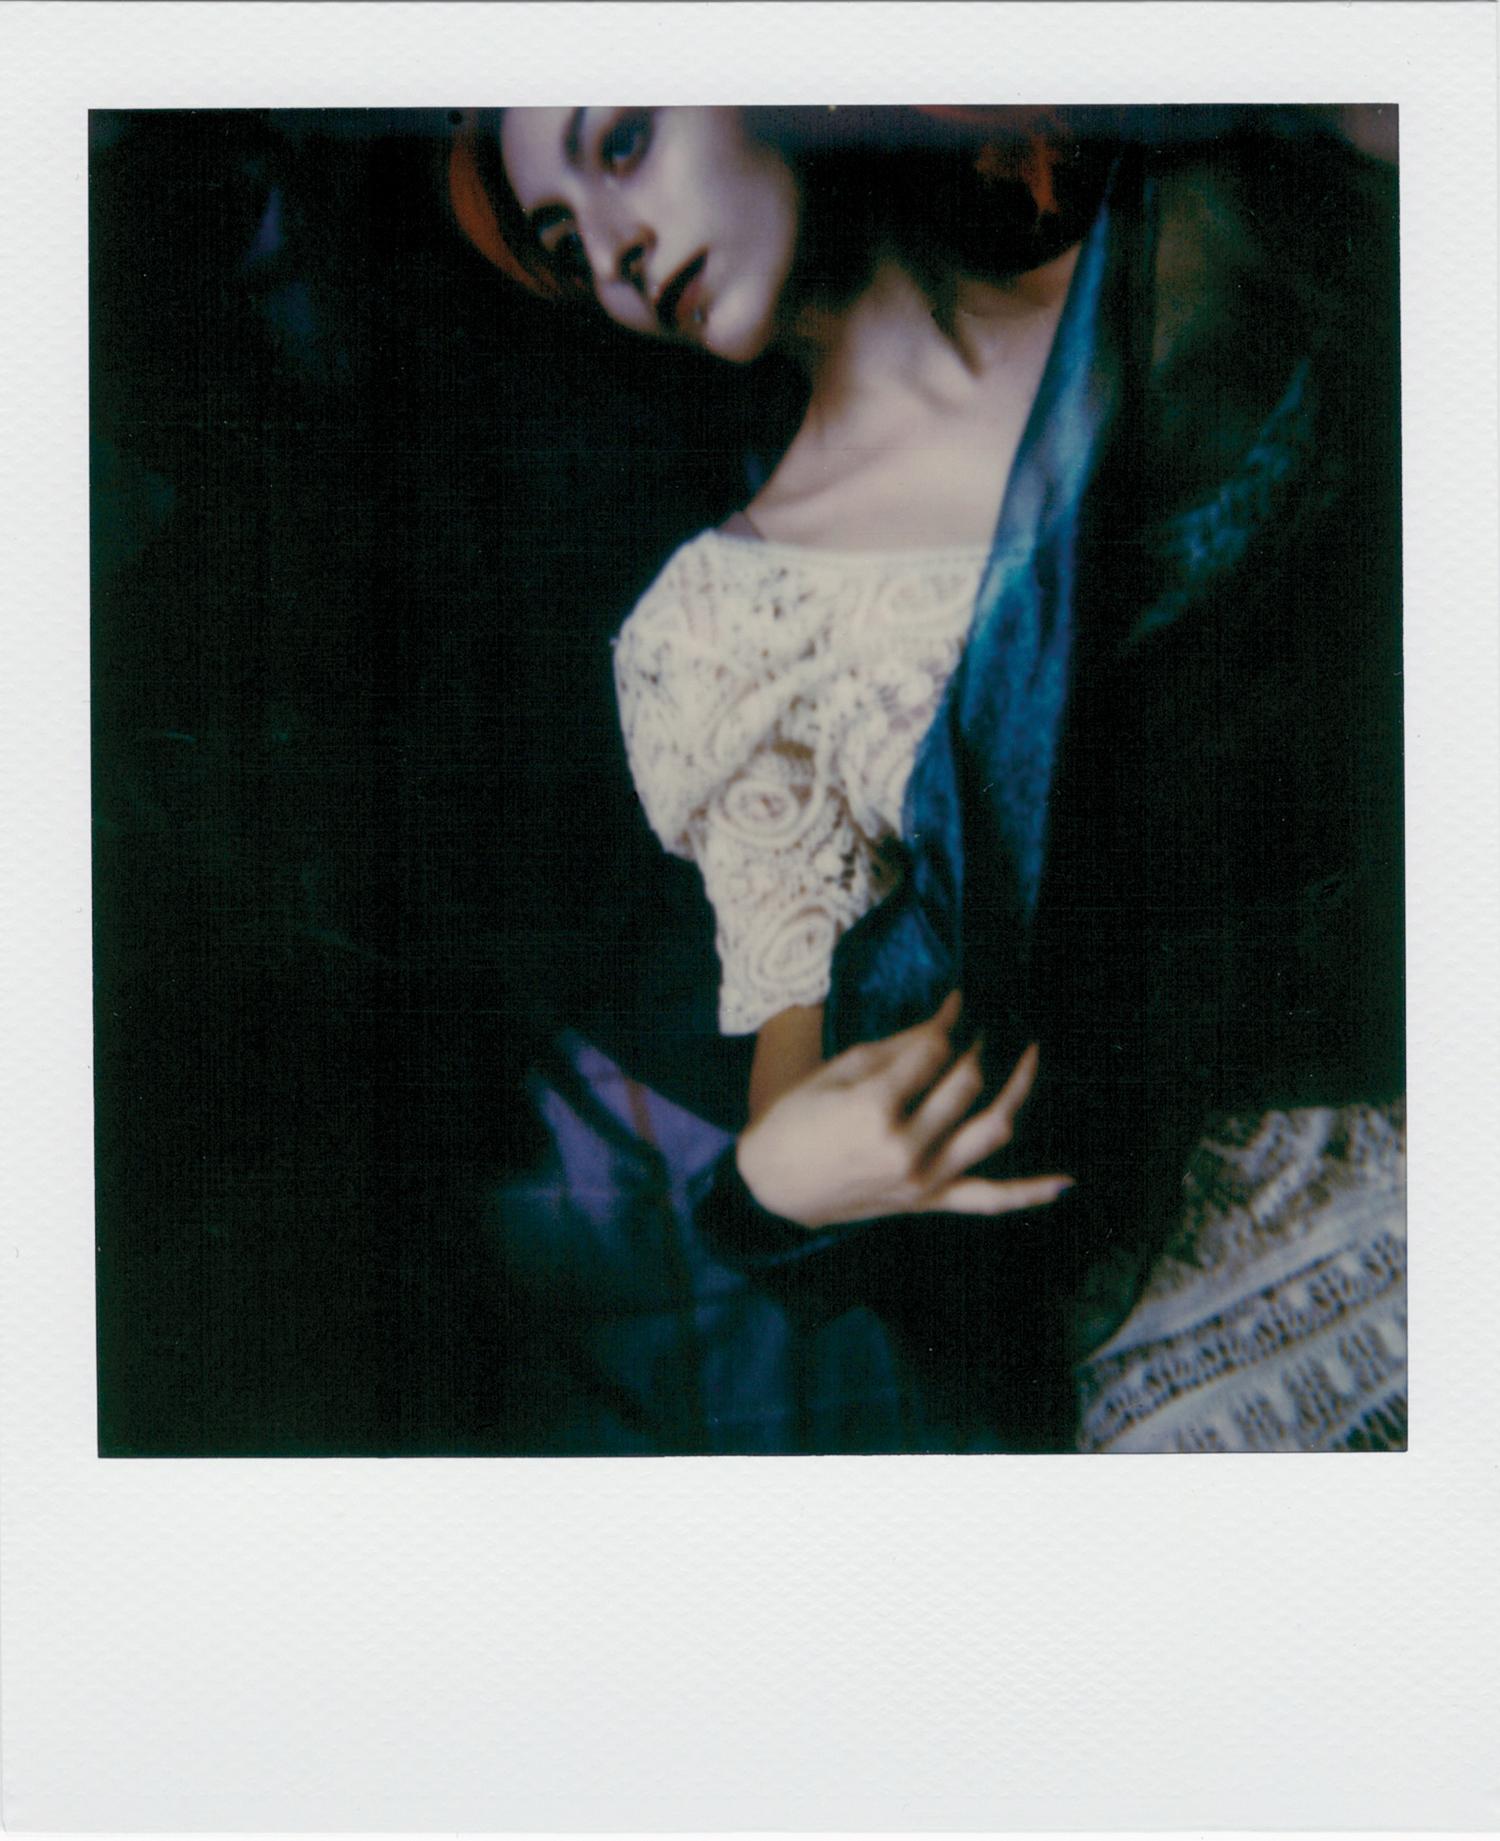 Alessia Amati